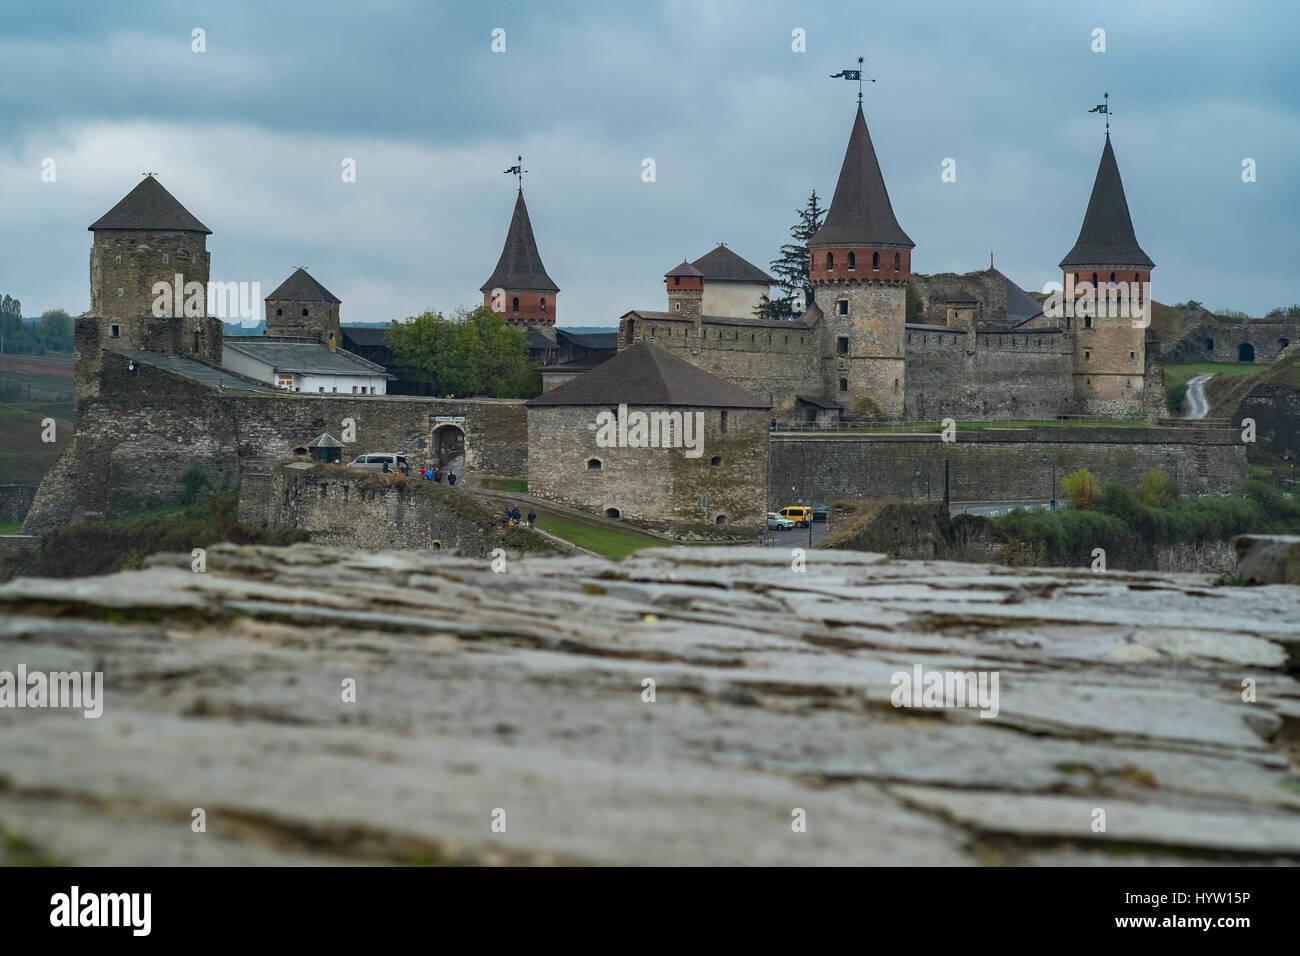 Veduta del castello di kamianets-podilskyi in Ucraina occidentale presi in una piovosa giornata d'autunno. una parete Foto Stock